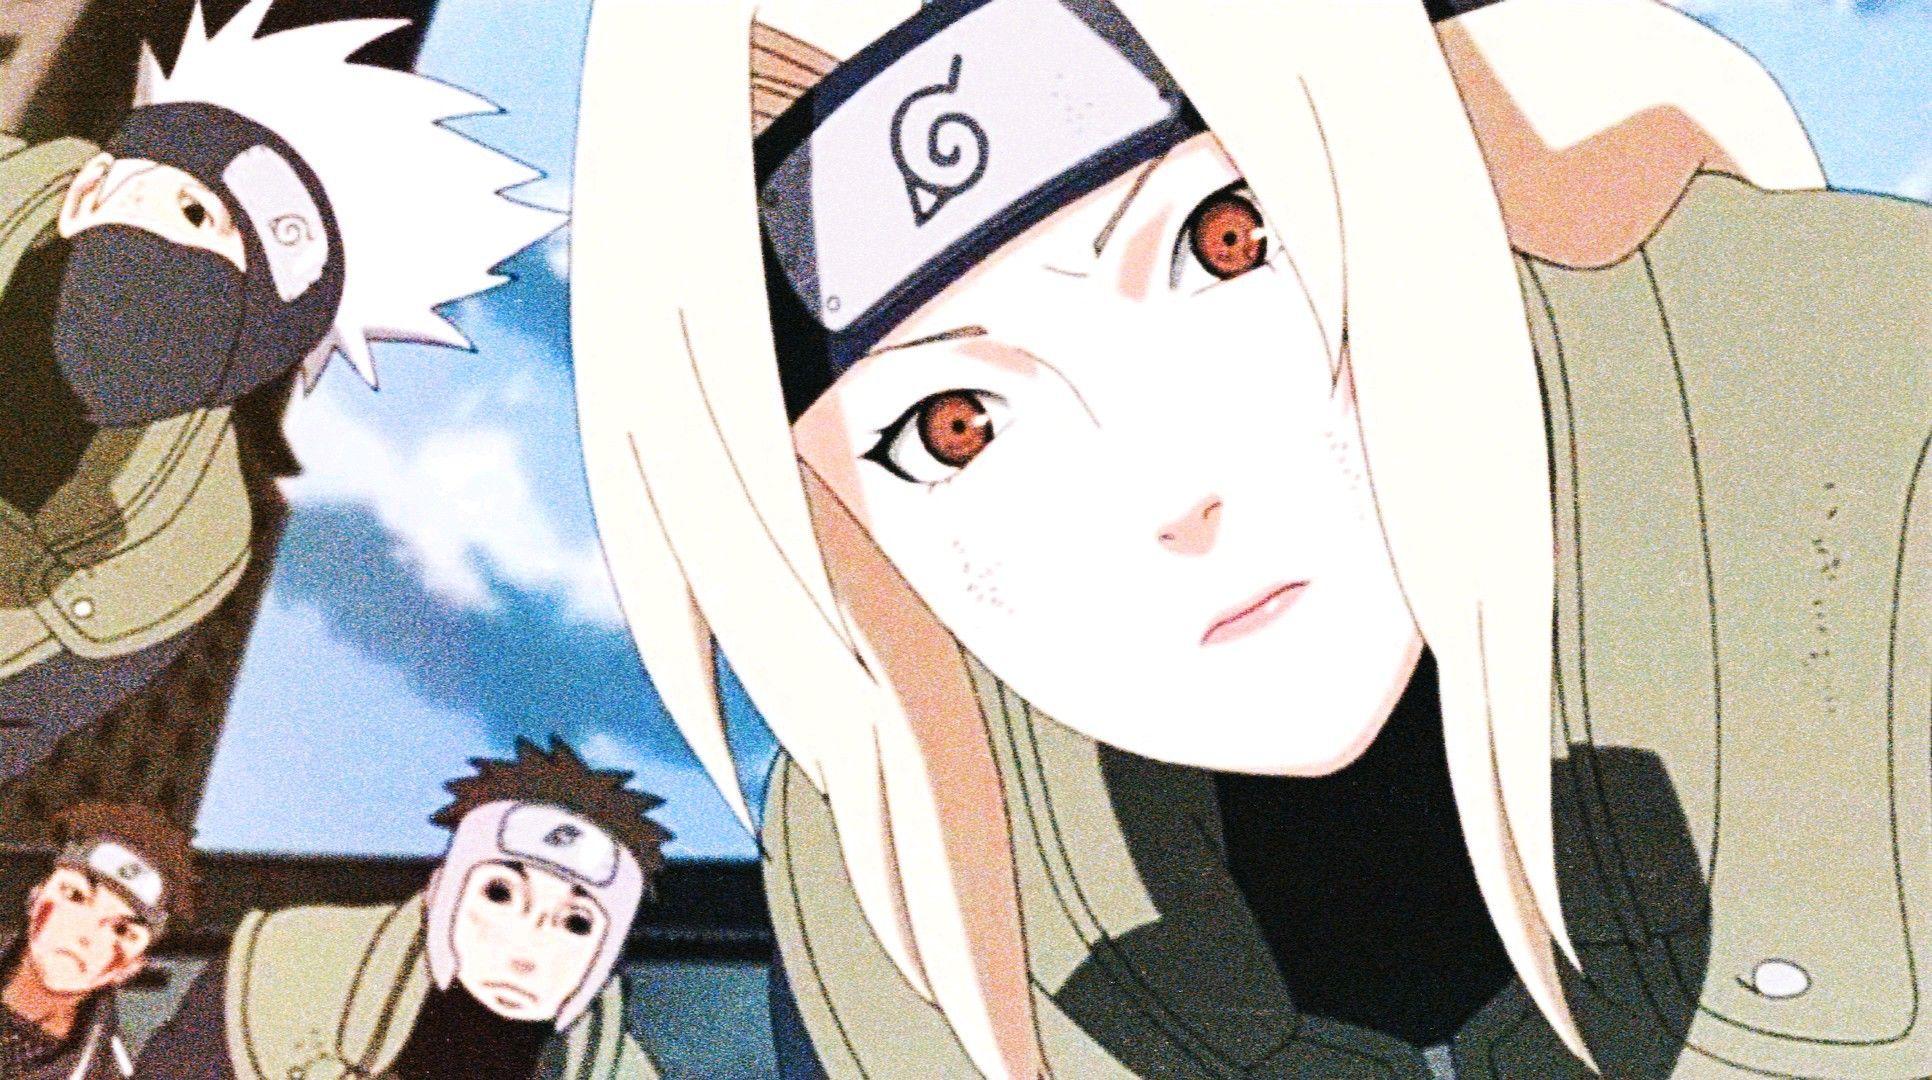 Pin Ot Polzovatelya Astrid 10634 Na Doske Tsunade Naruto Uragannye Hroniki Anime Naruto